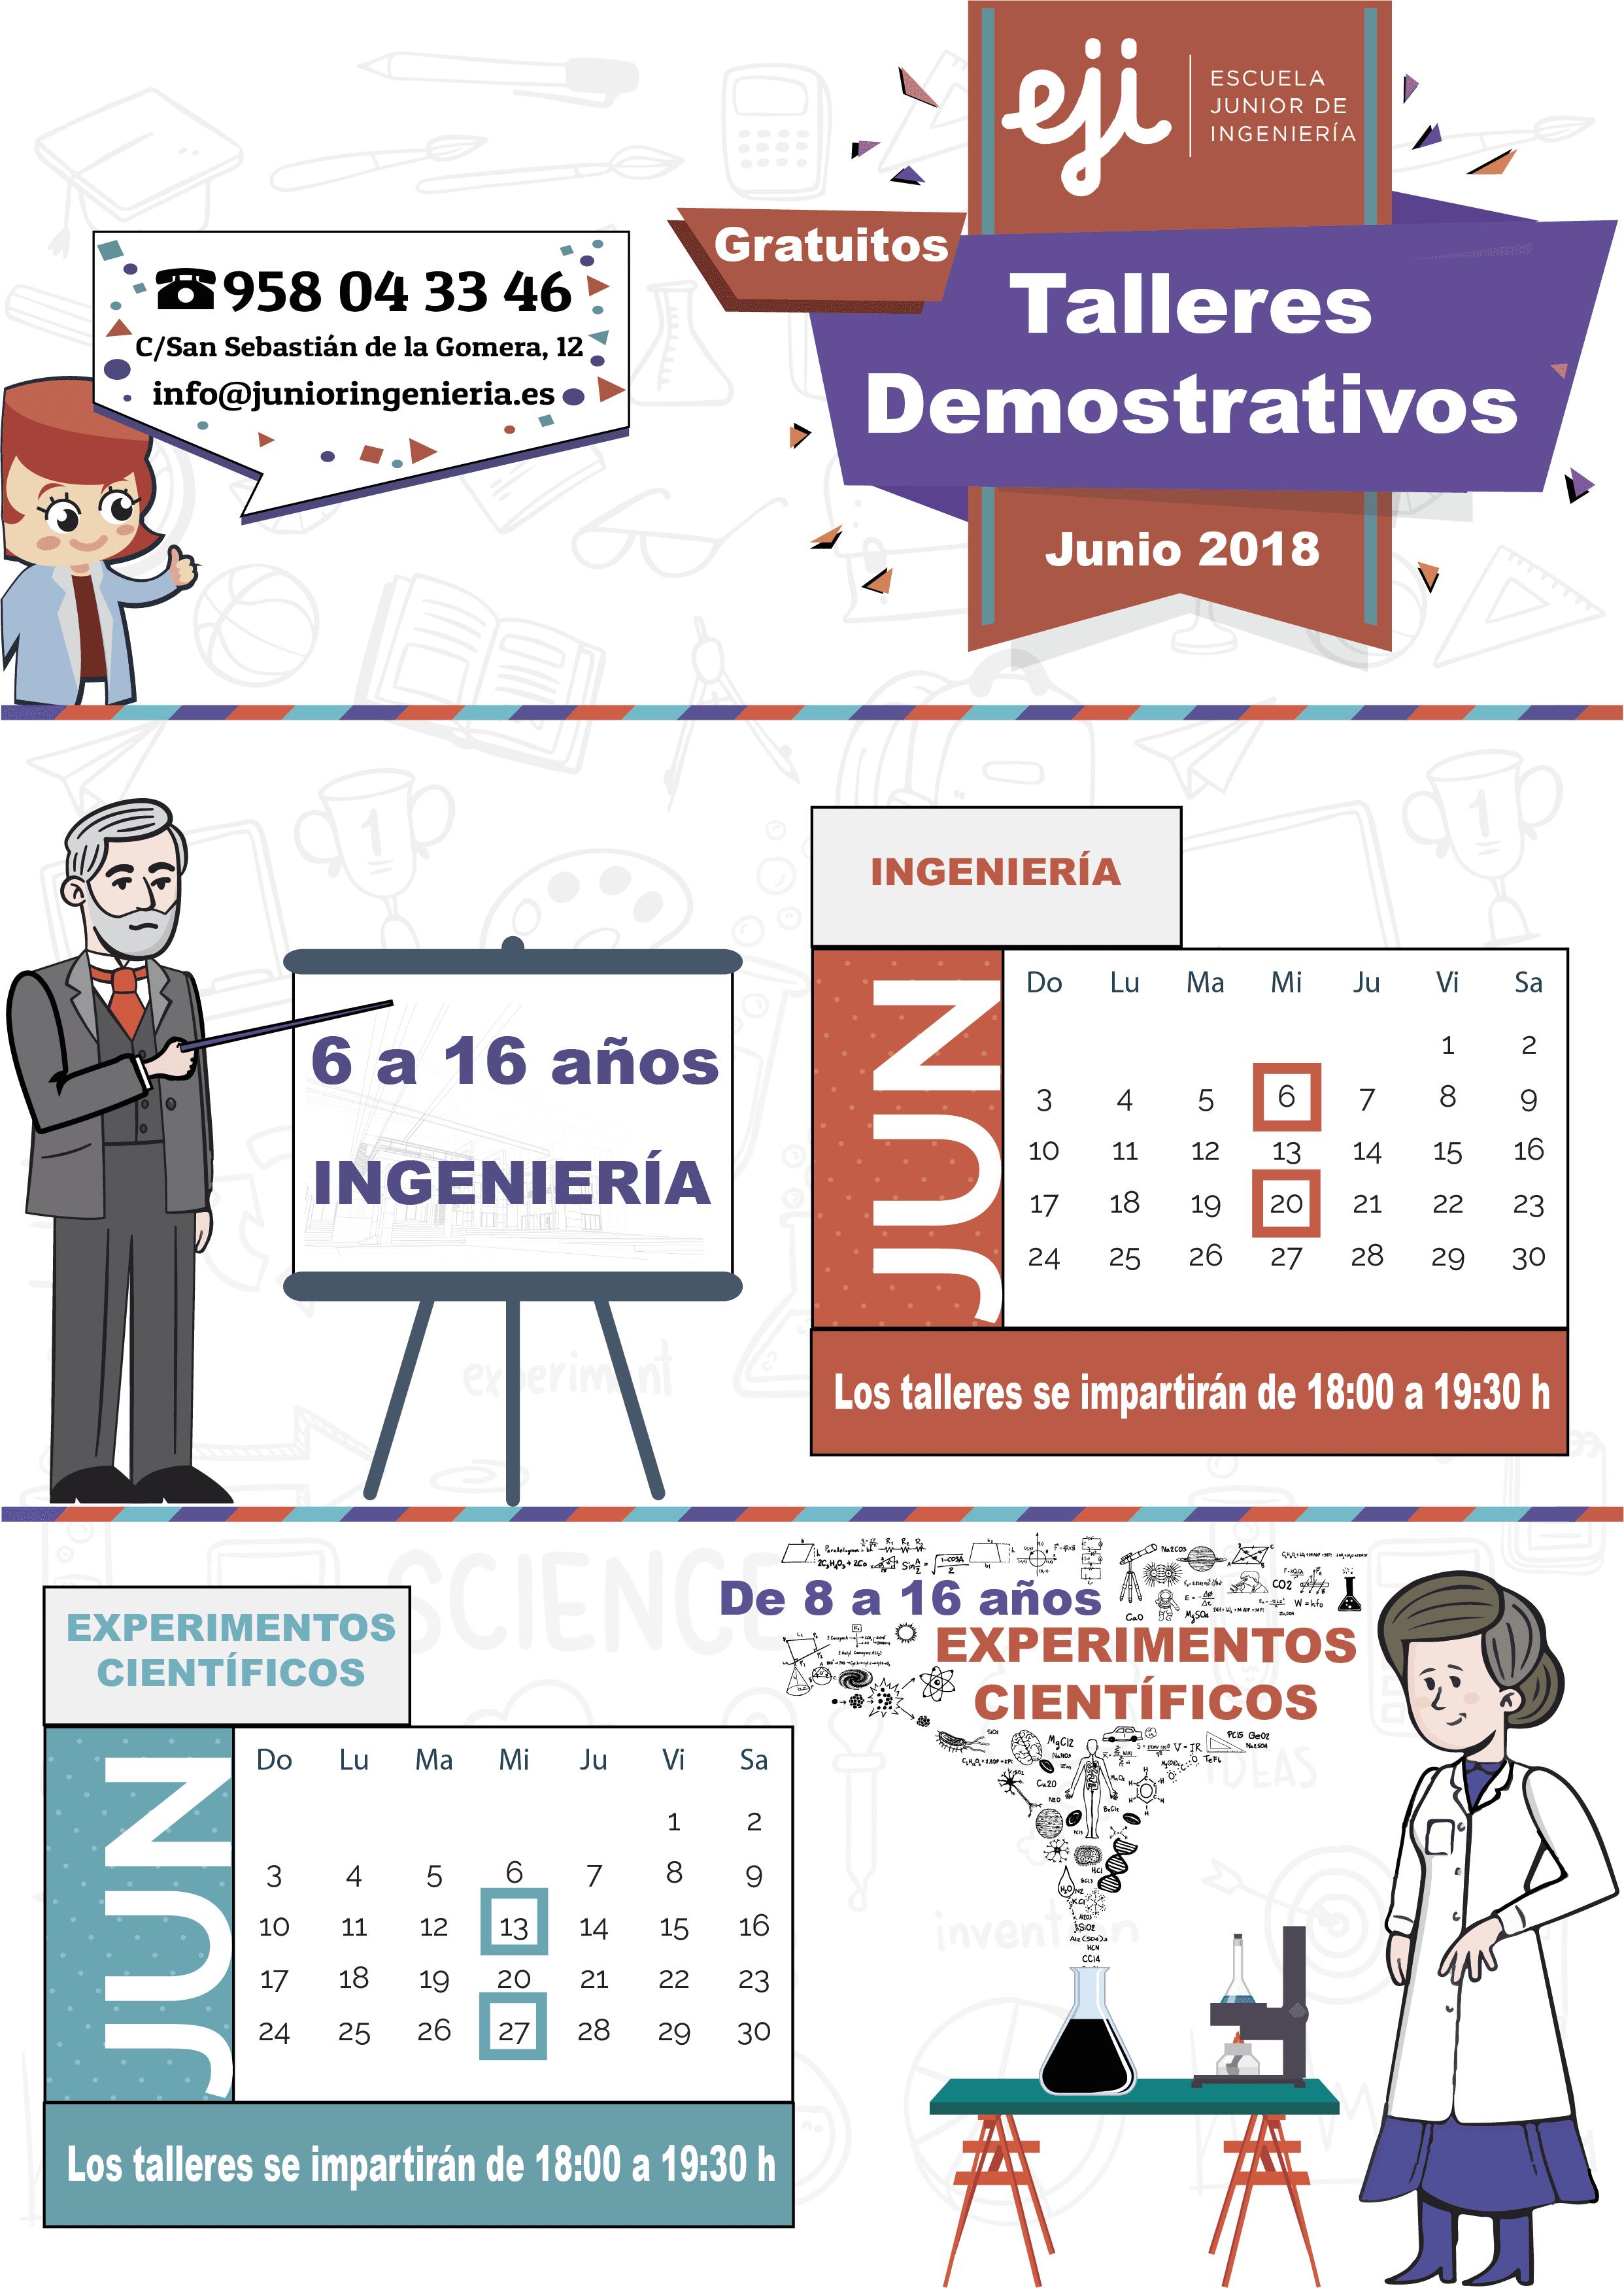 Talleres demostrativos de ingeniería y experimentos científicos para niños y niñas en Granada